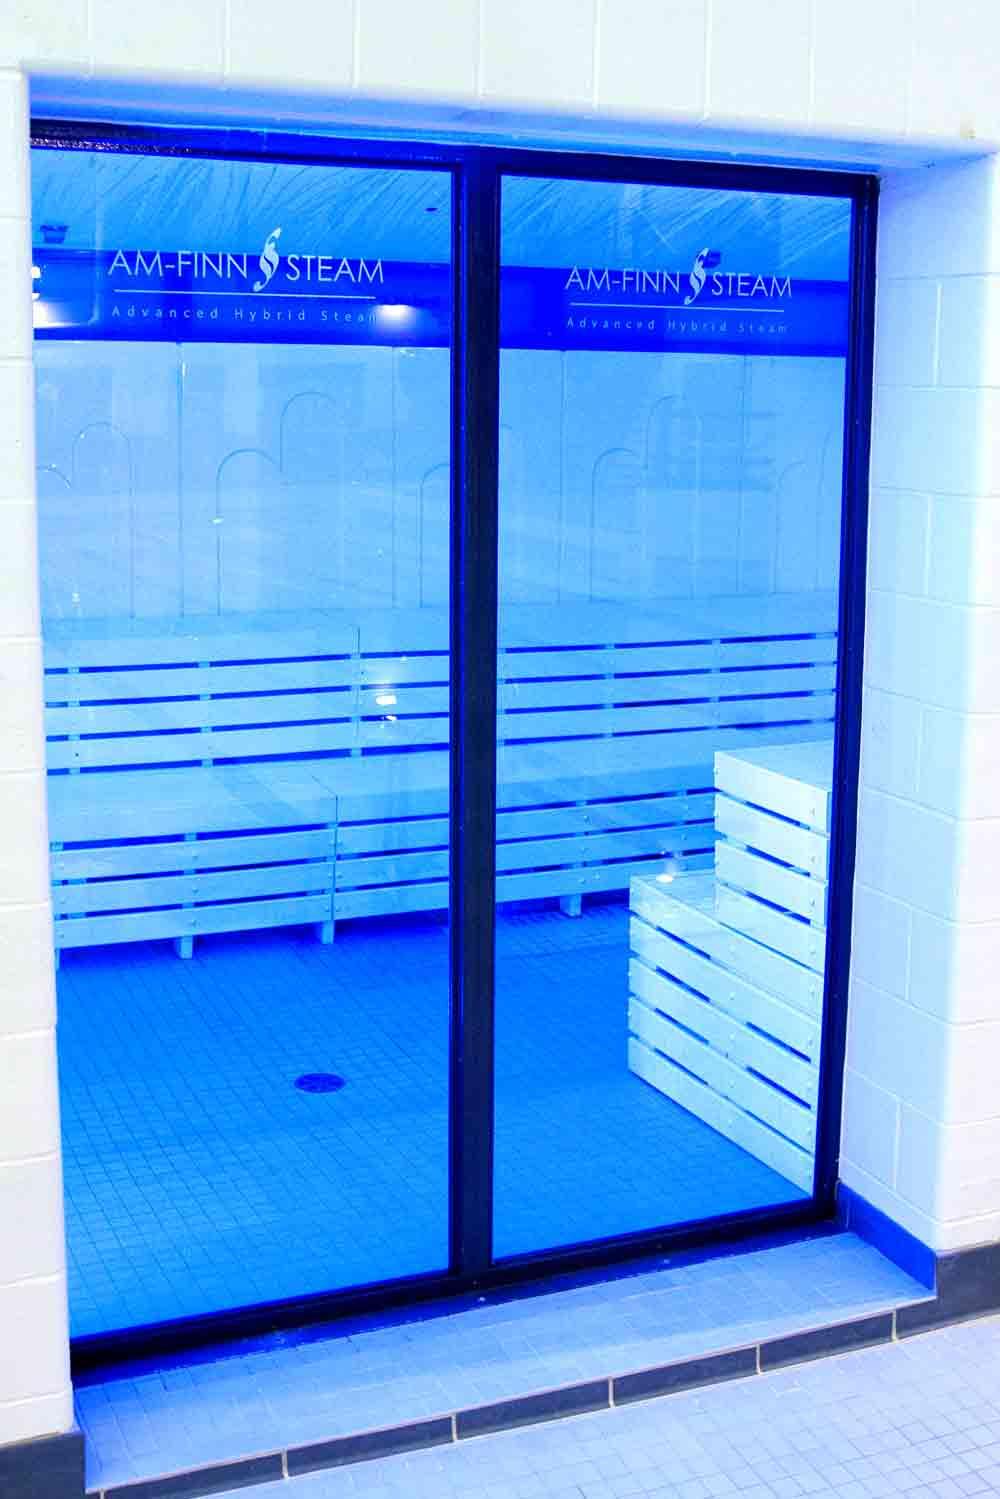 Steam-room-intallation-rec-center.jpg